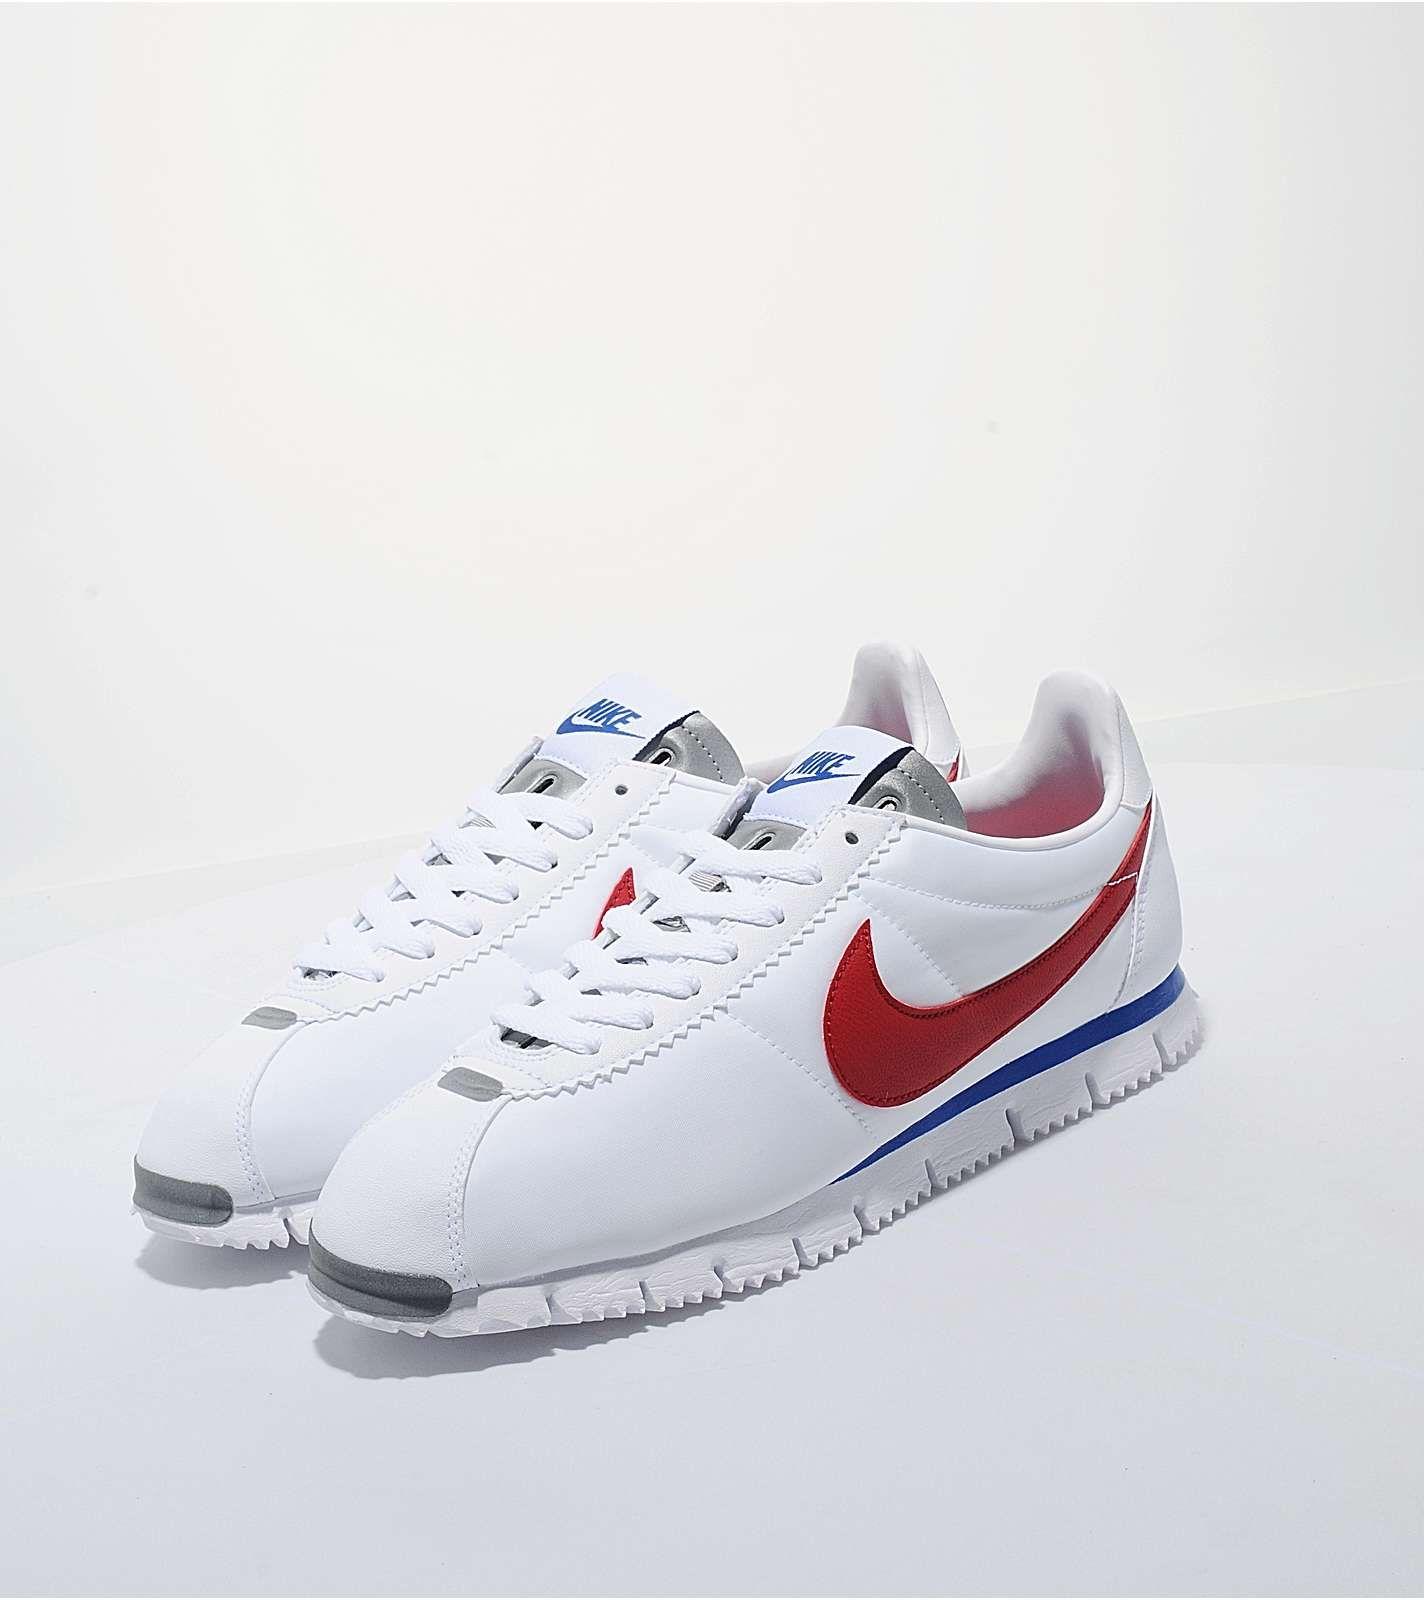 Nike Cortez 'Natural Motion' QS